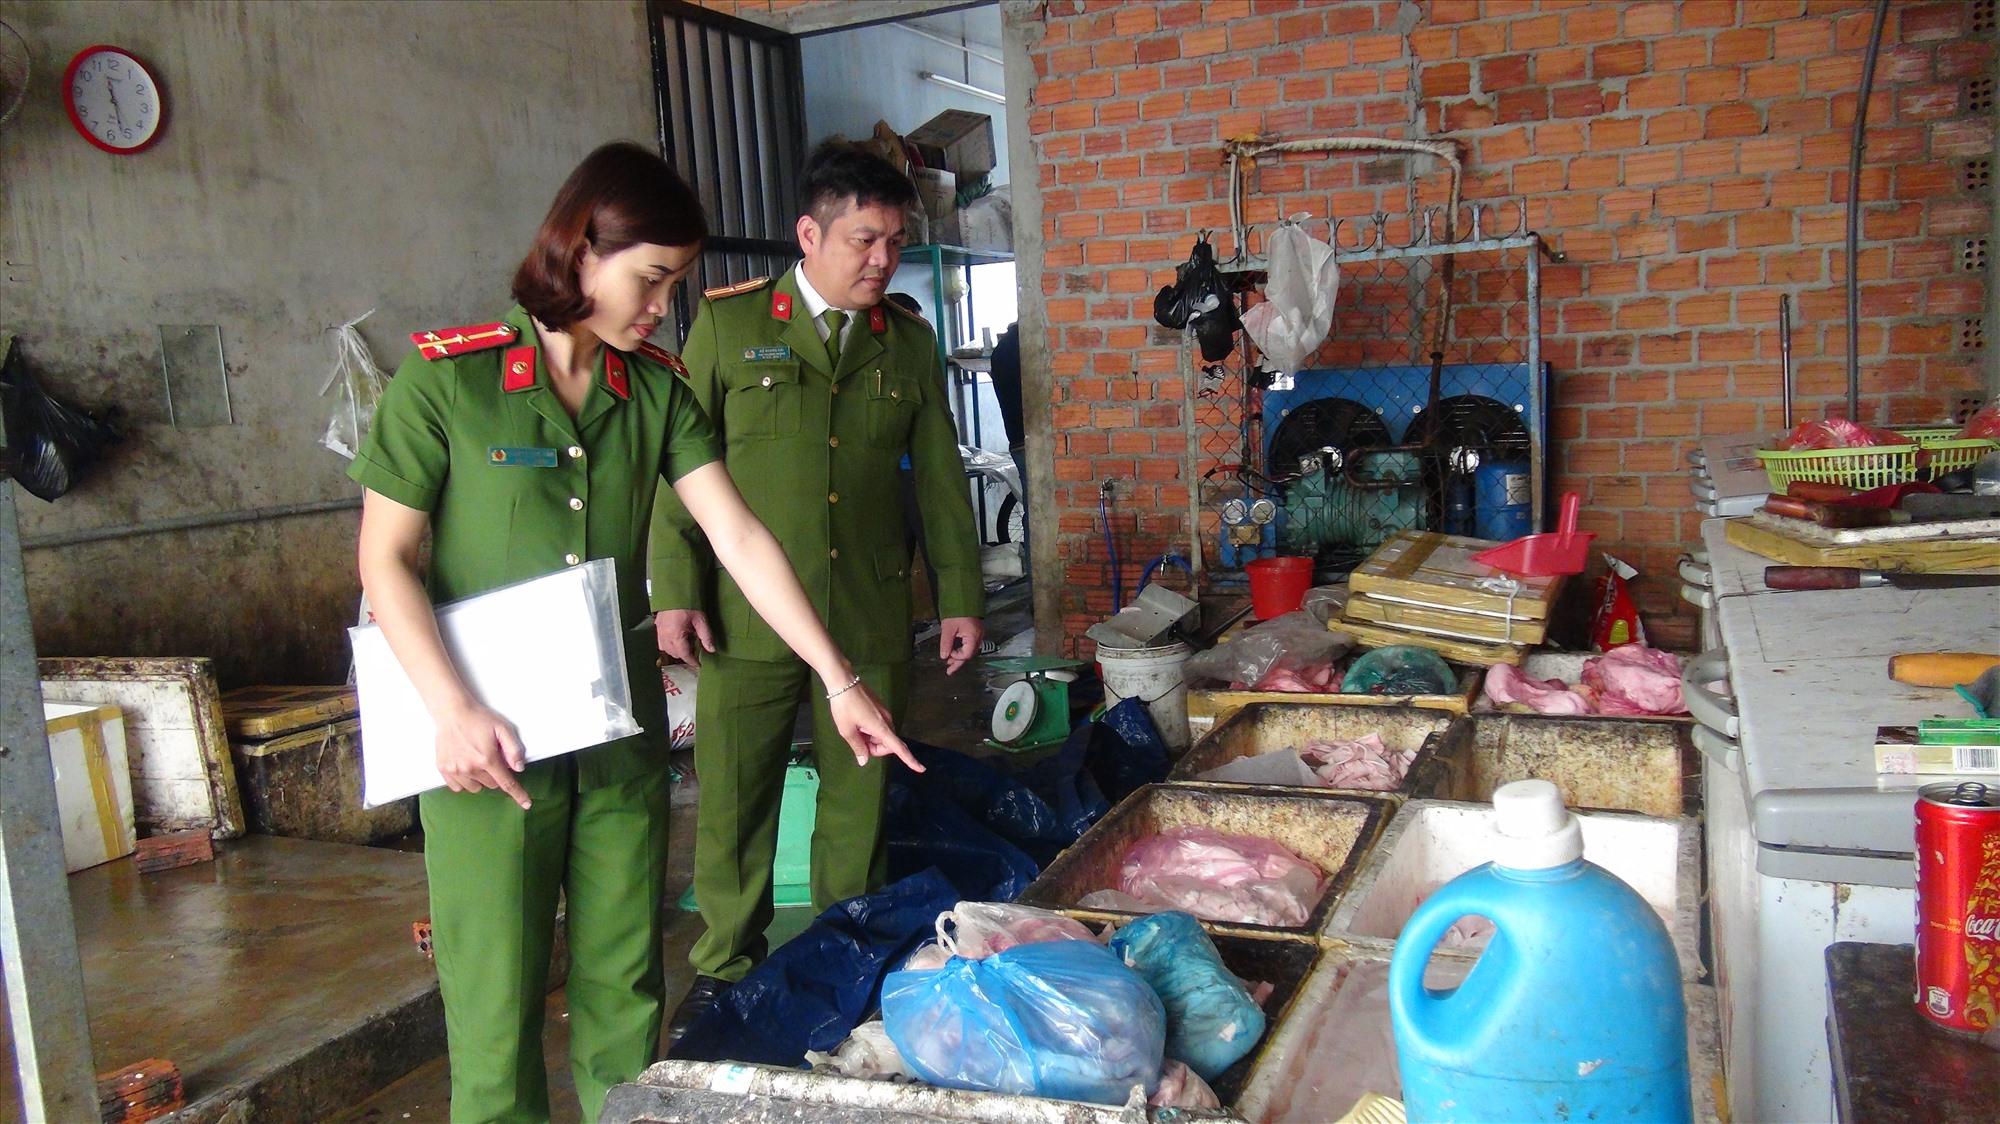 Cơ sở chế biến của bà Xuân có nhiều vi phạm về an toàn về sinh thực phẩm. Ảnh: Q.H